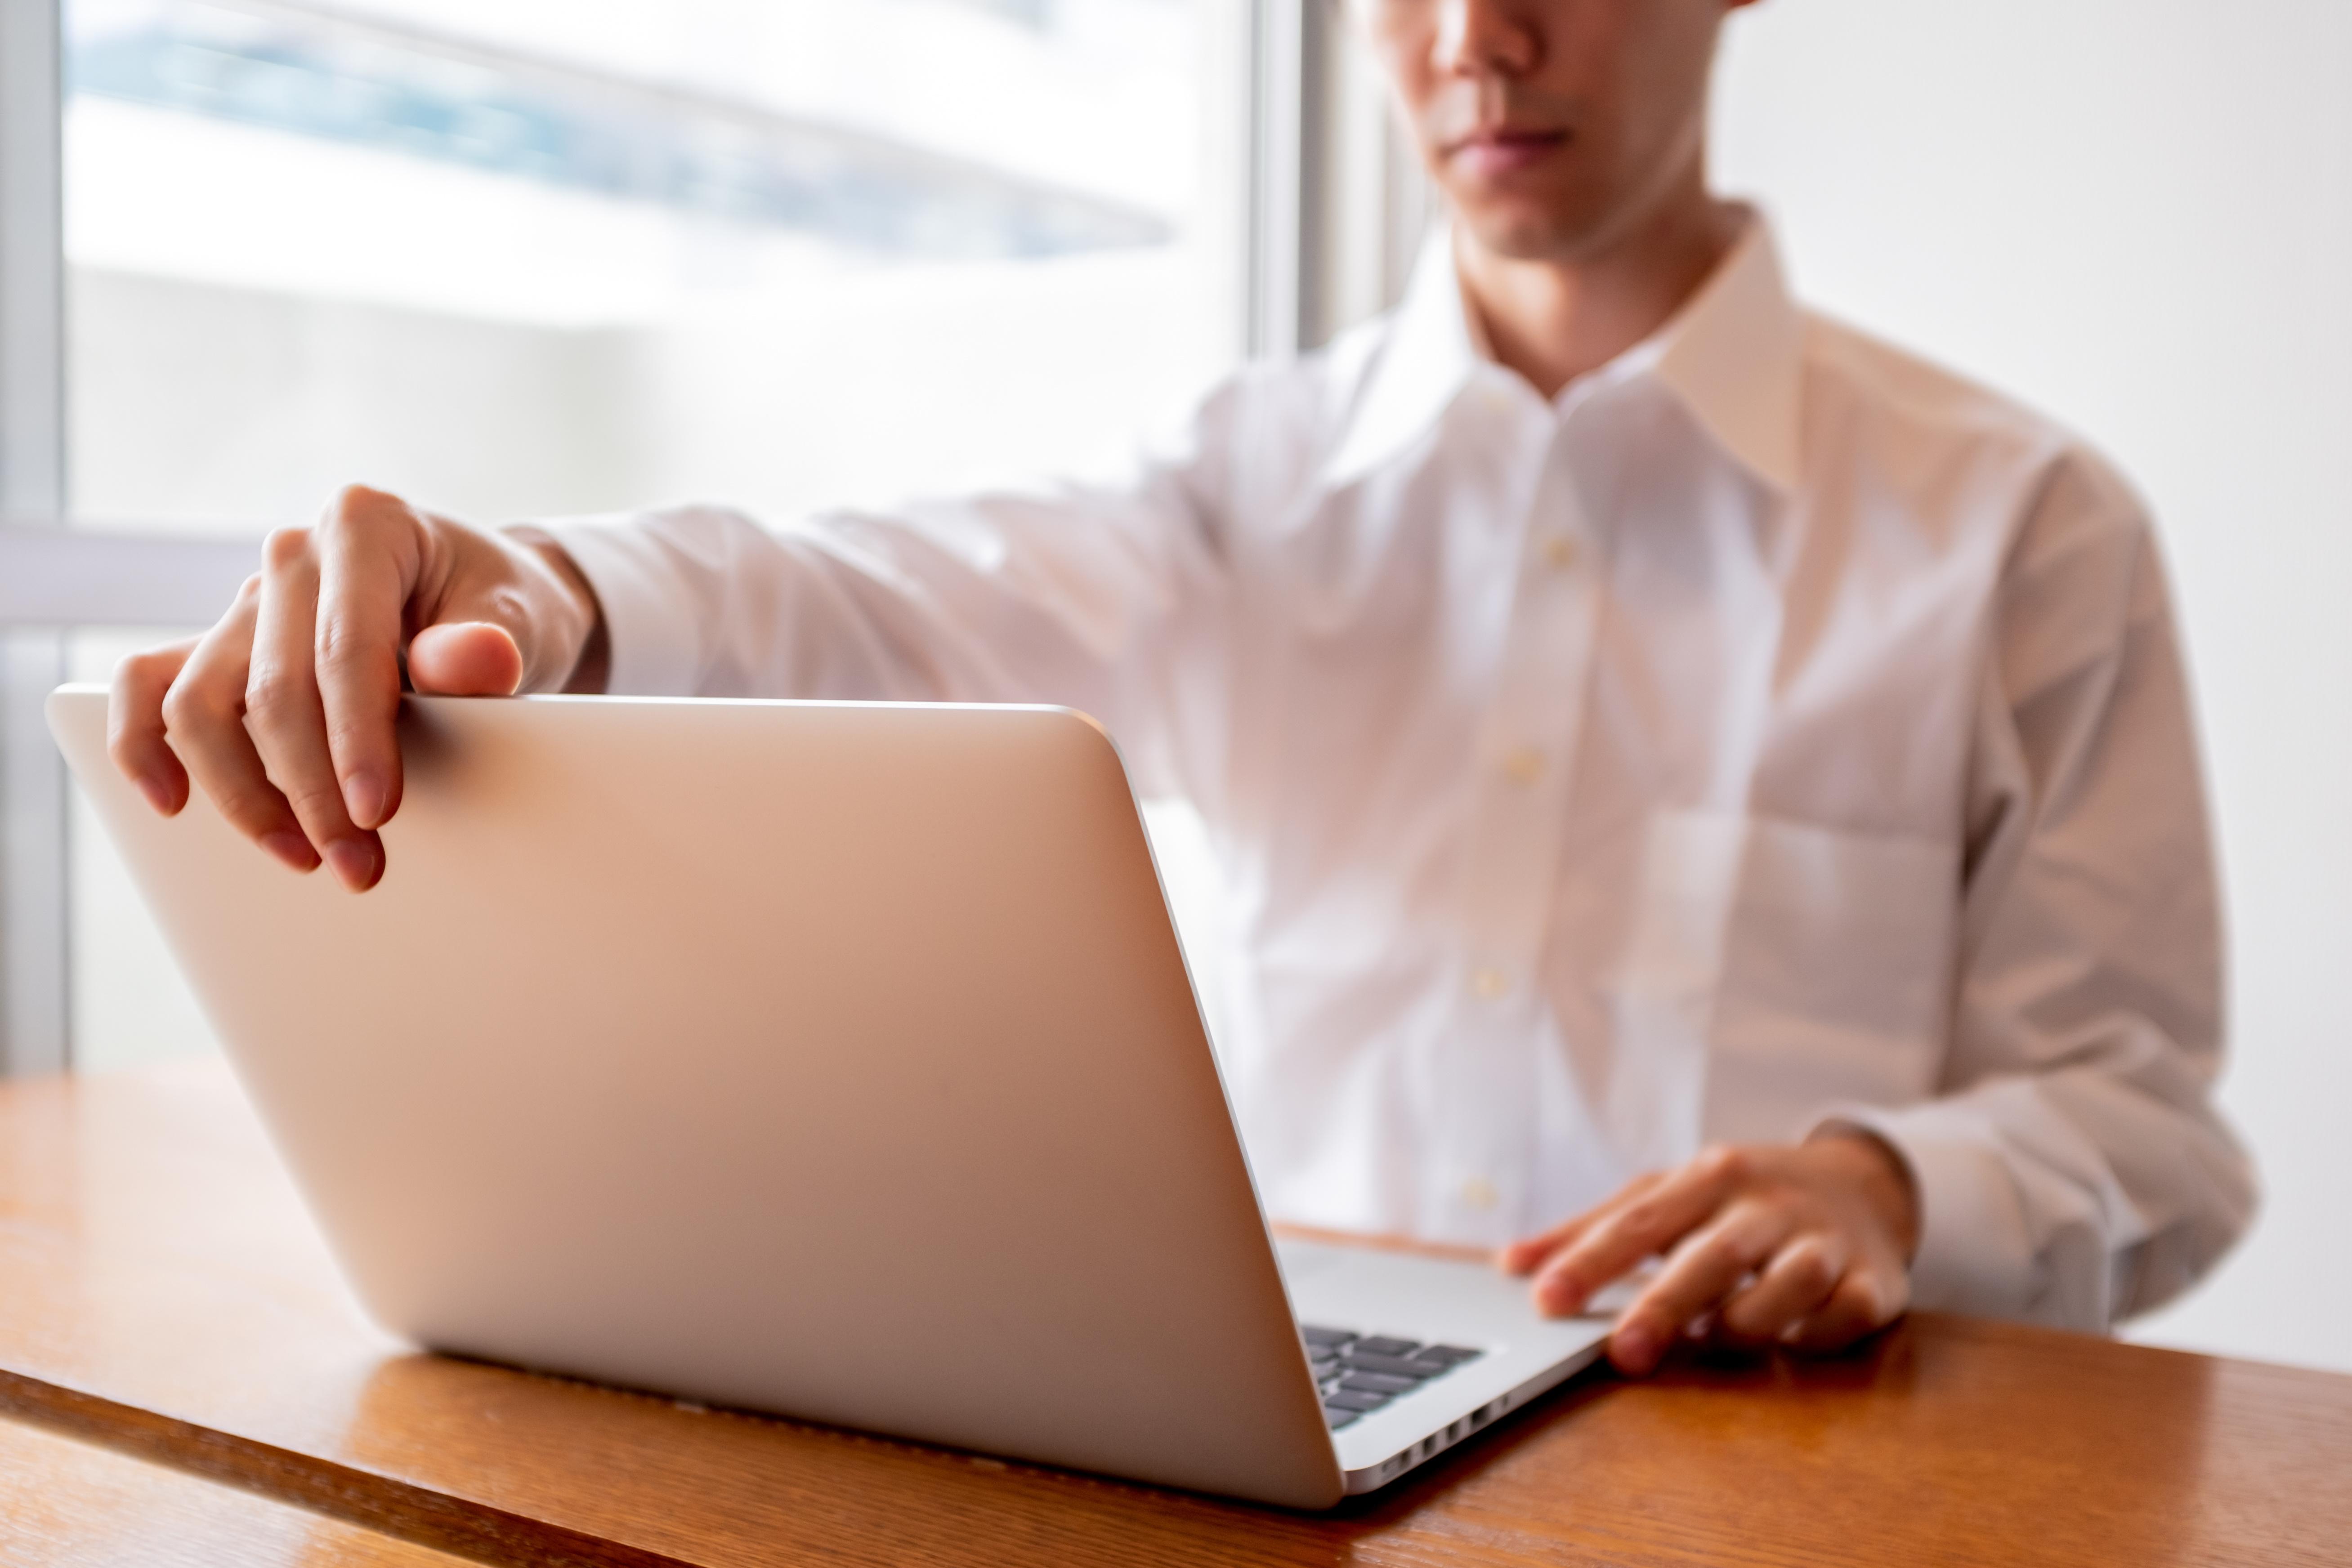 ネット副業で稼ぐためには時間をかけてコツコツ取り組むことが重要